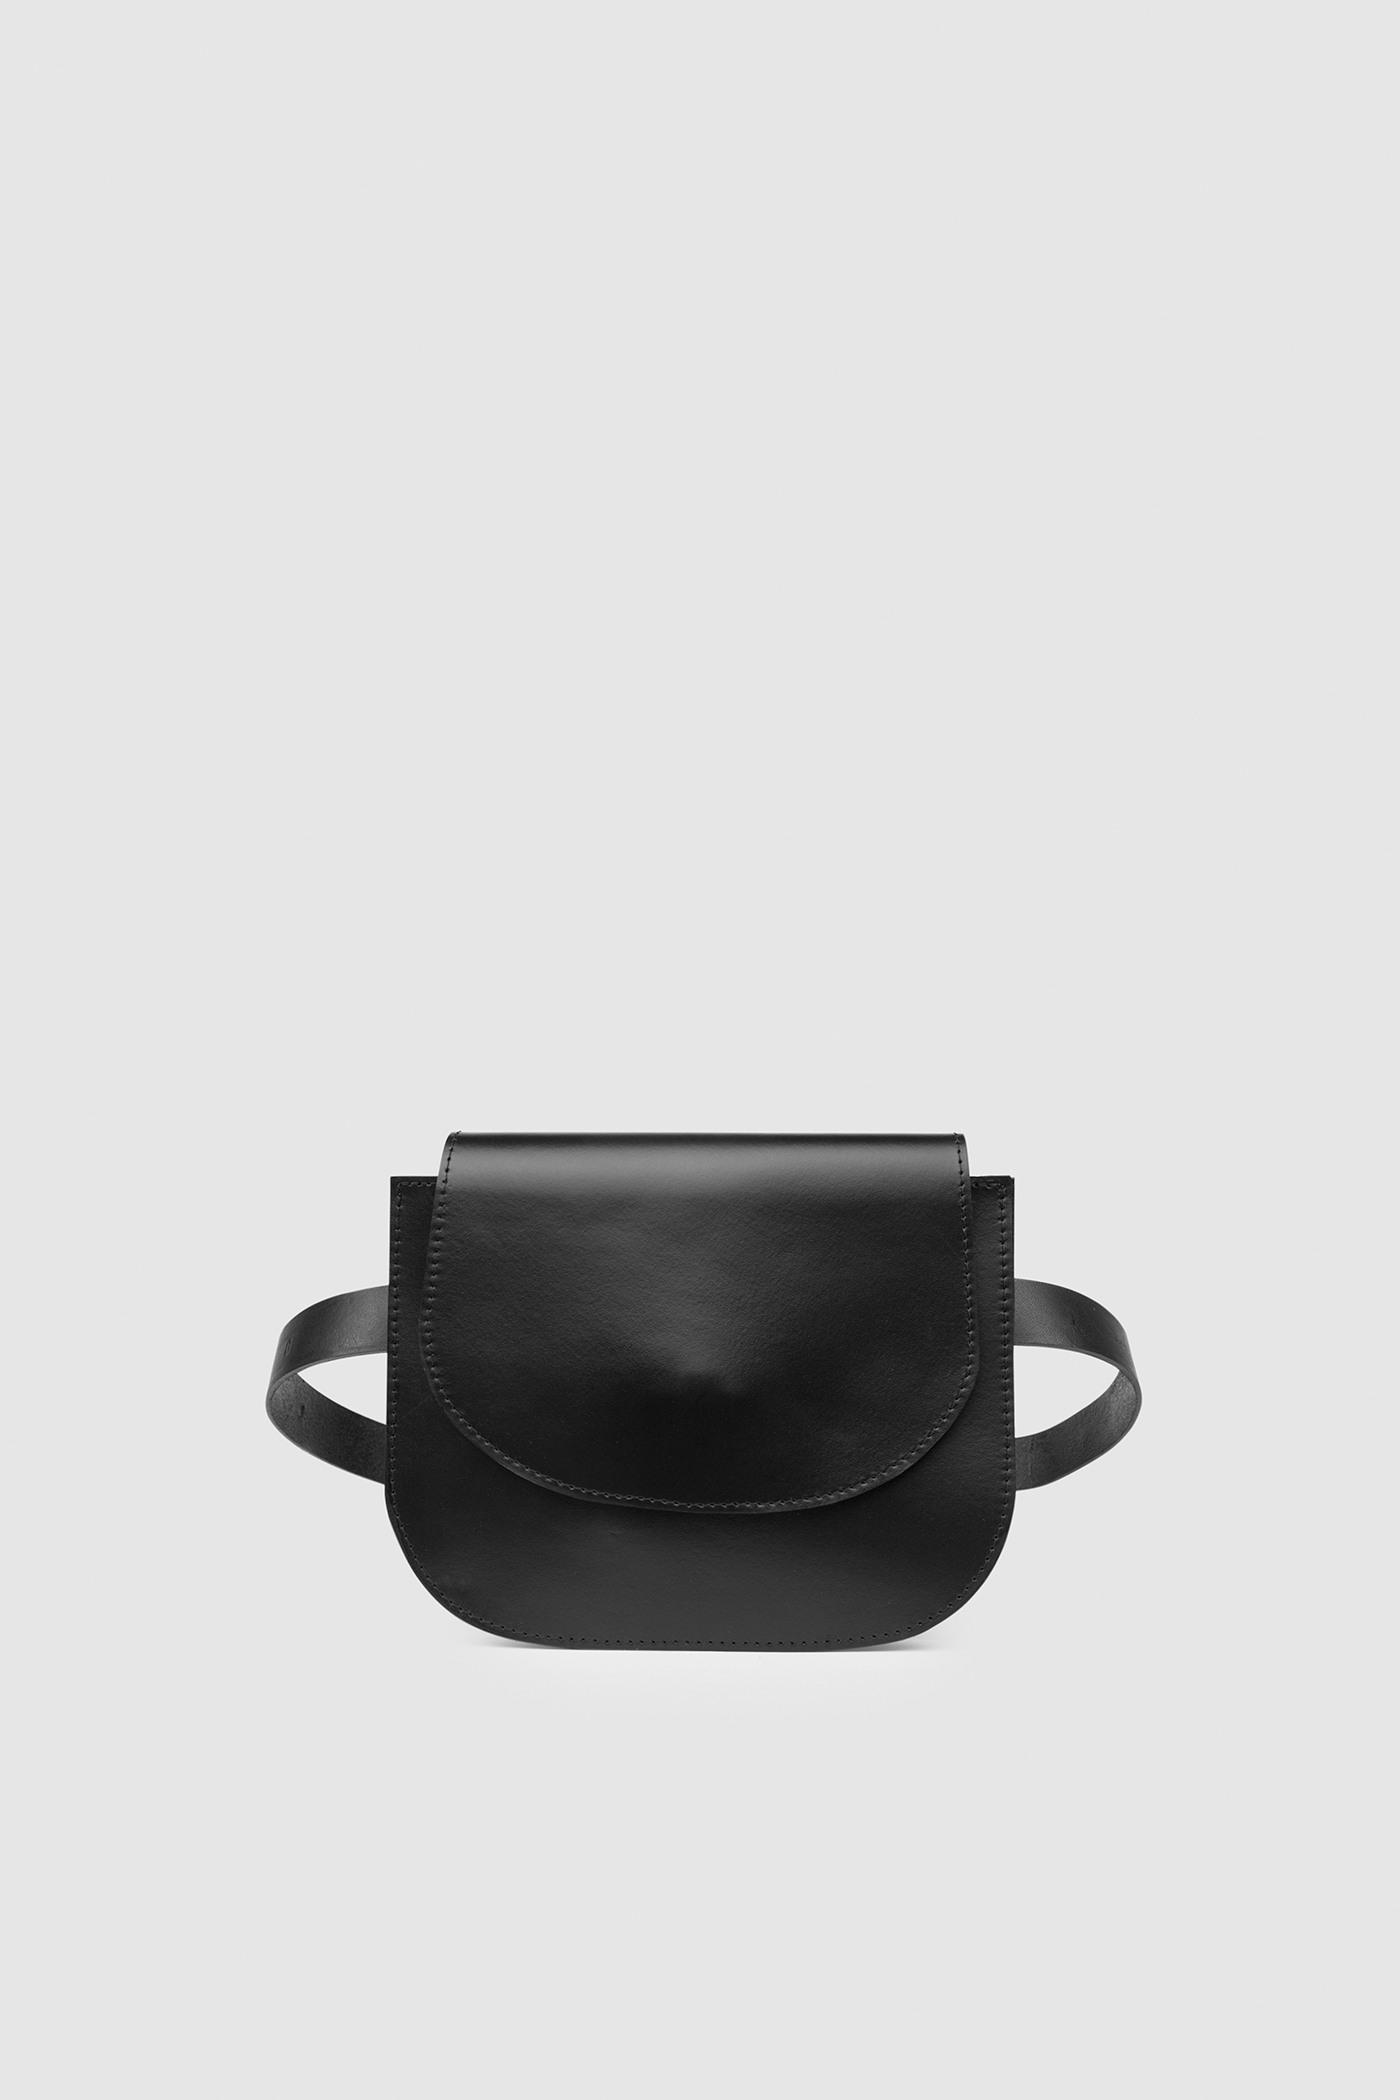 СумкаНебольшая сумка из плотной кожи с серебряной фурнитурой.Два внутренних отделения.Съемный ремешок через плечо. Закрывается на магнитную кнопку. В комплекте ремень для того, чтобы носить сумку на поясе.&#13;<br>&#13;<br>Кожа: КРС.&#13;<br>&#13;<br>&#13;<br>размер сумки: 16х20,5 см&#13;<br>&#13;<br>помещается iPhone 6<br><br>Цвет: Черный, Белый